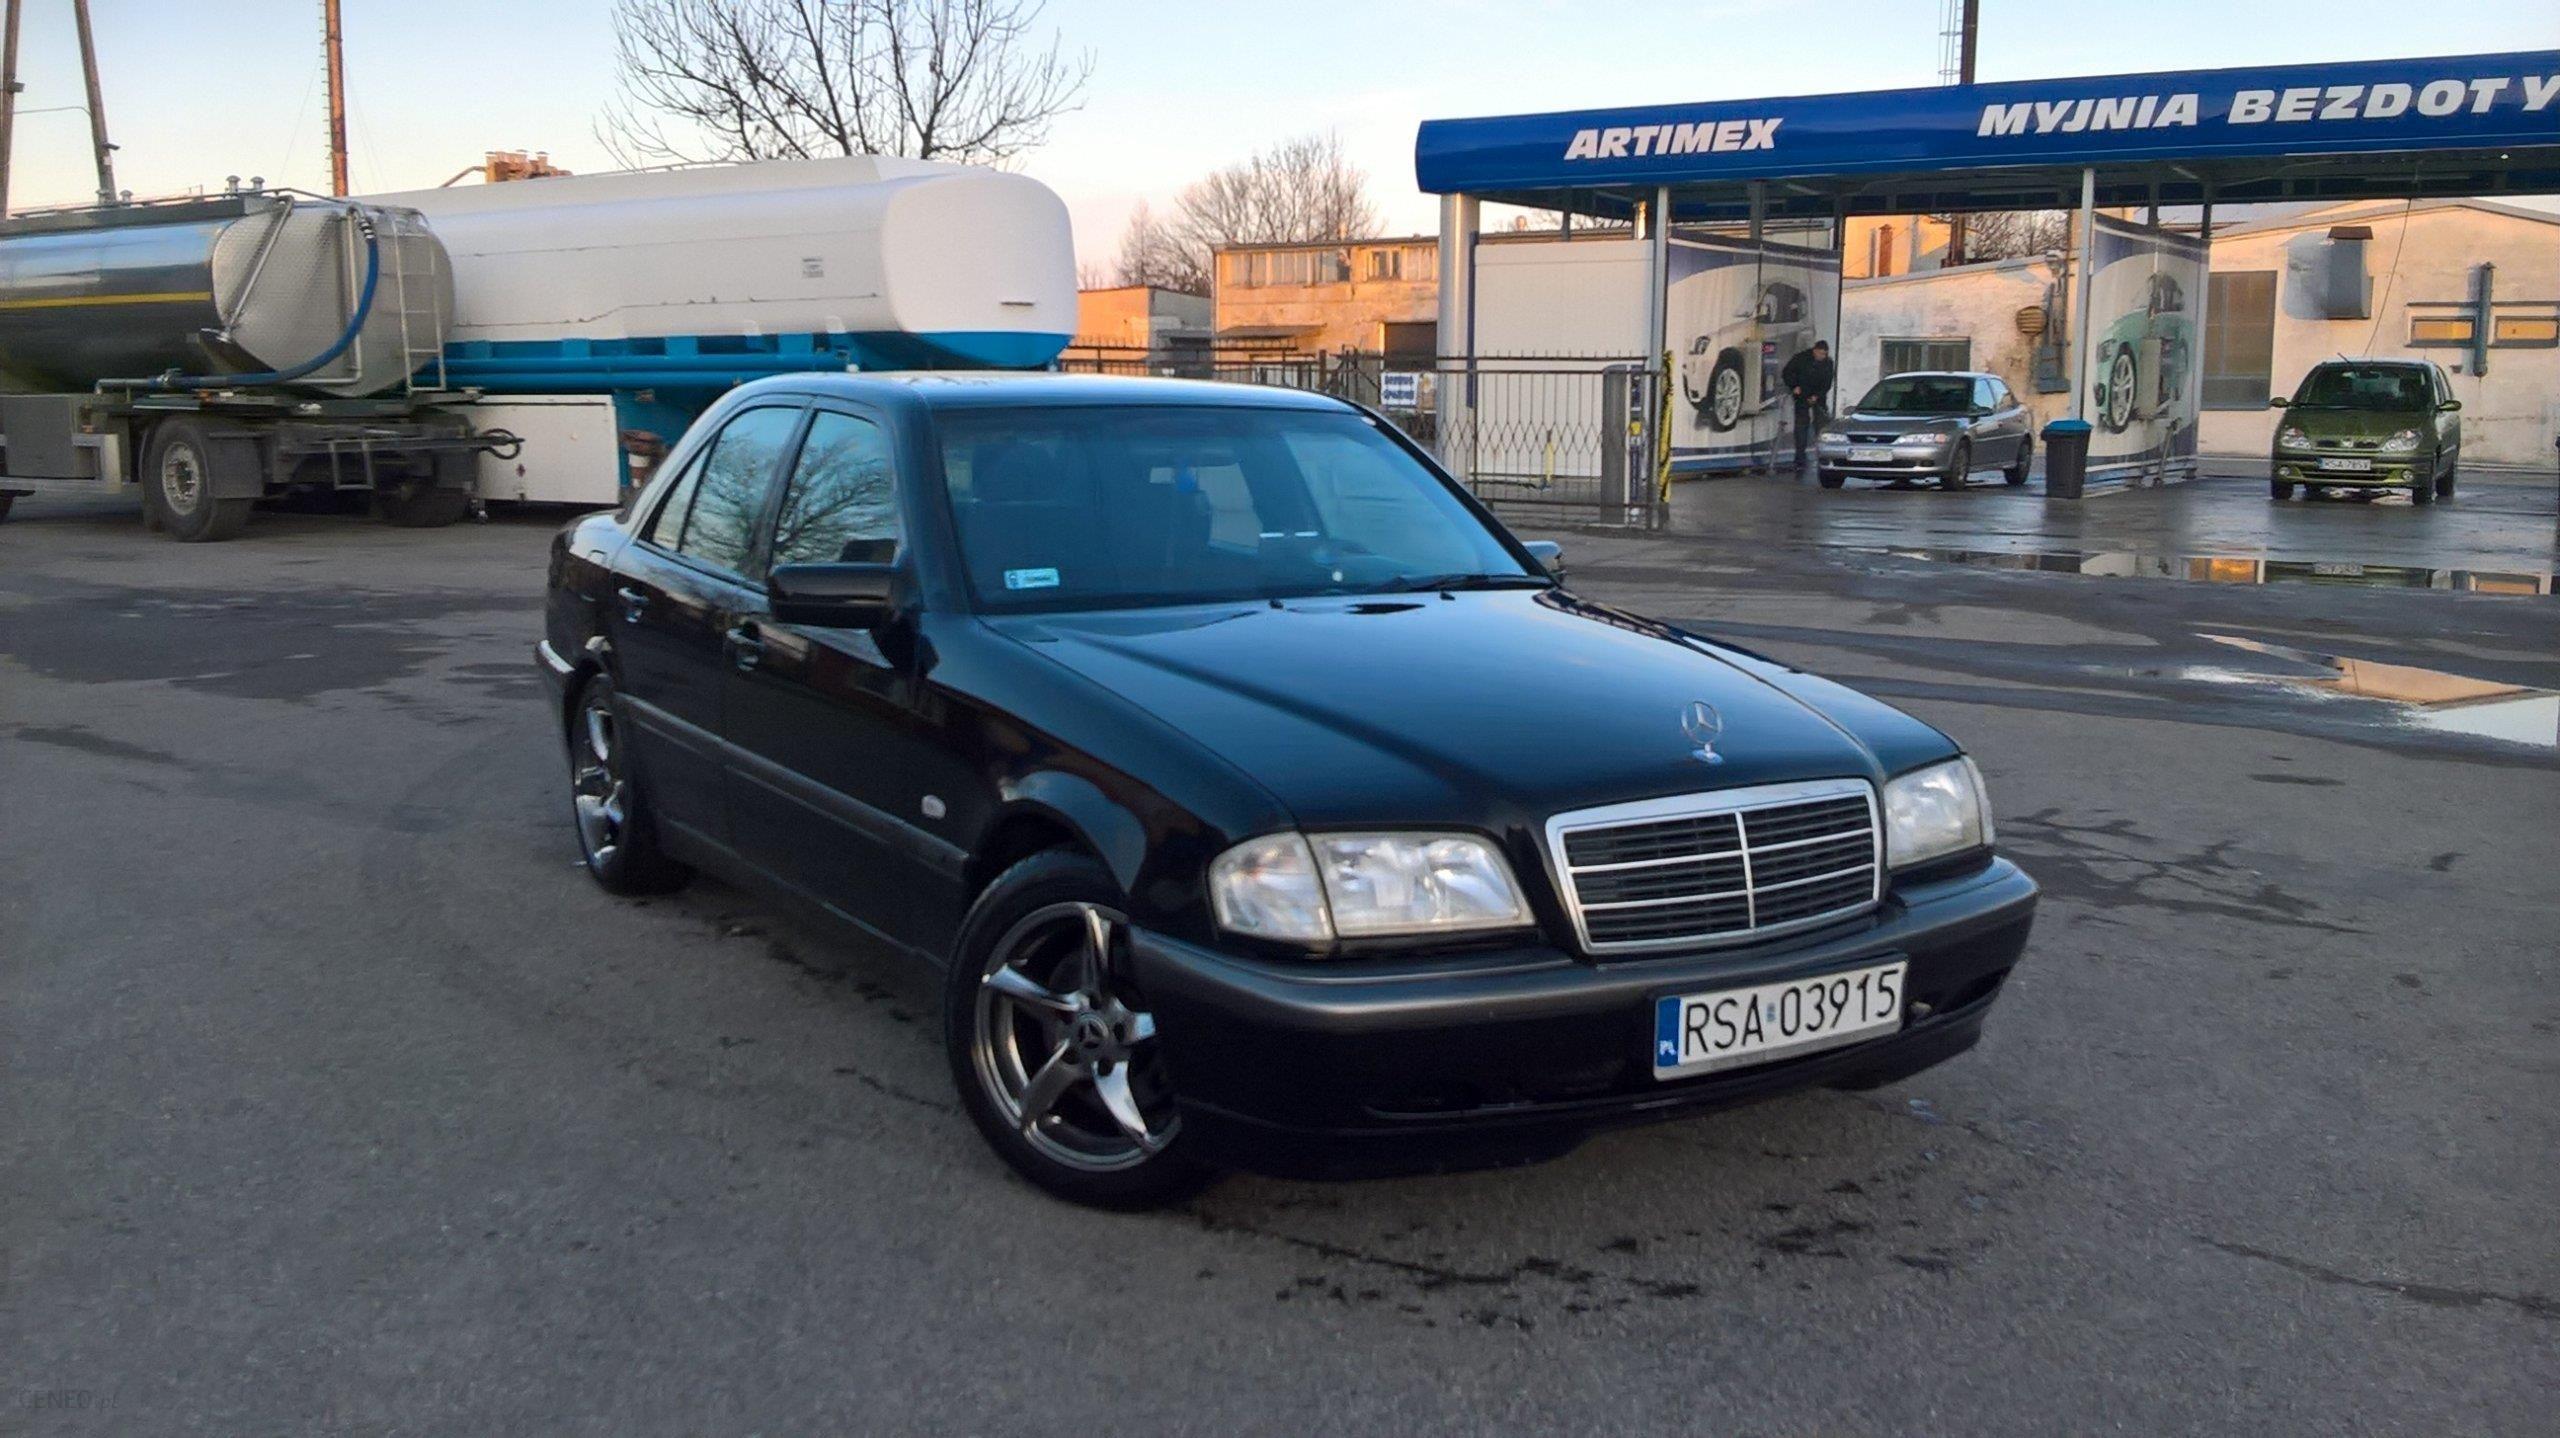 Mercedes Benz Klasa C W202 1998 Benzyna 170km Sedan Czarny Opinie